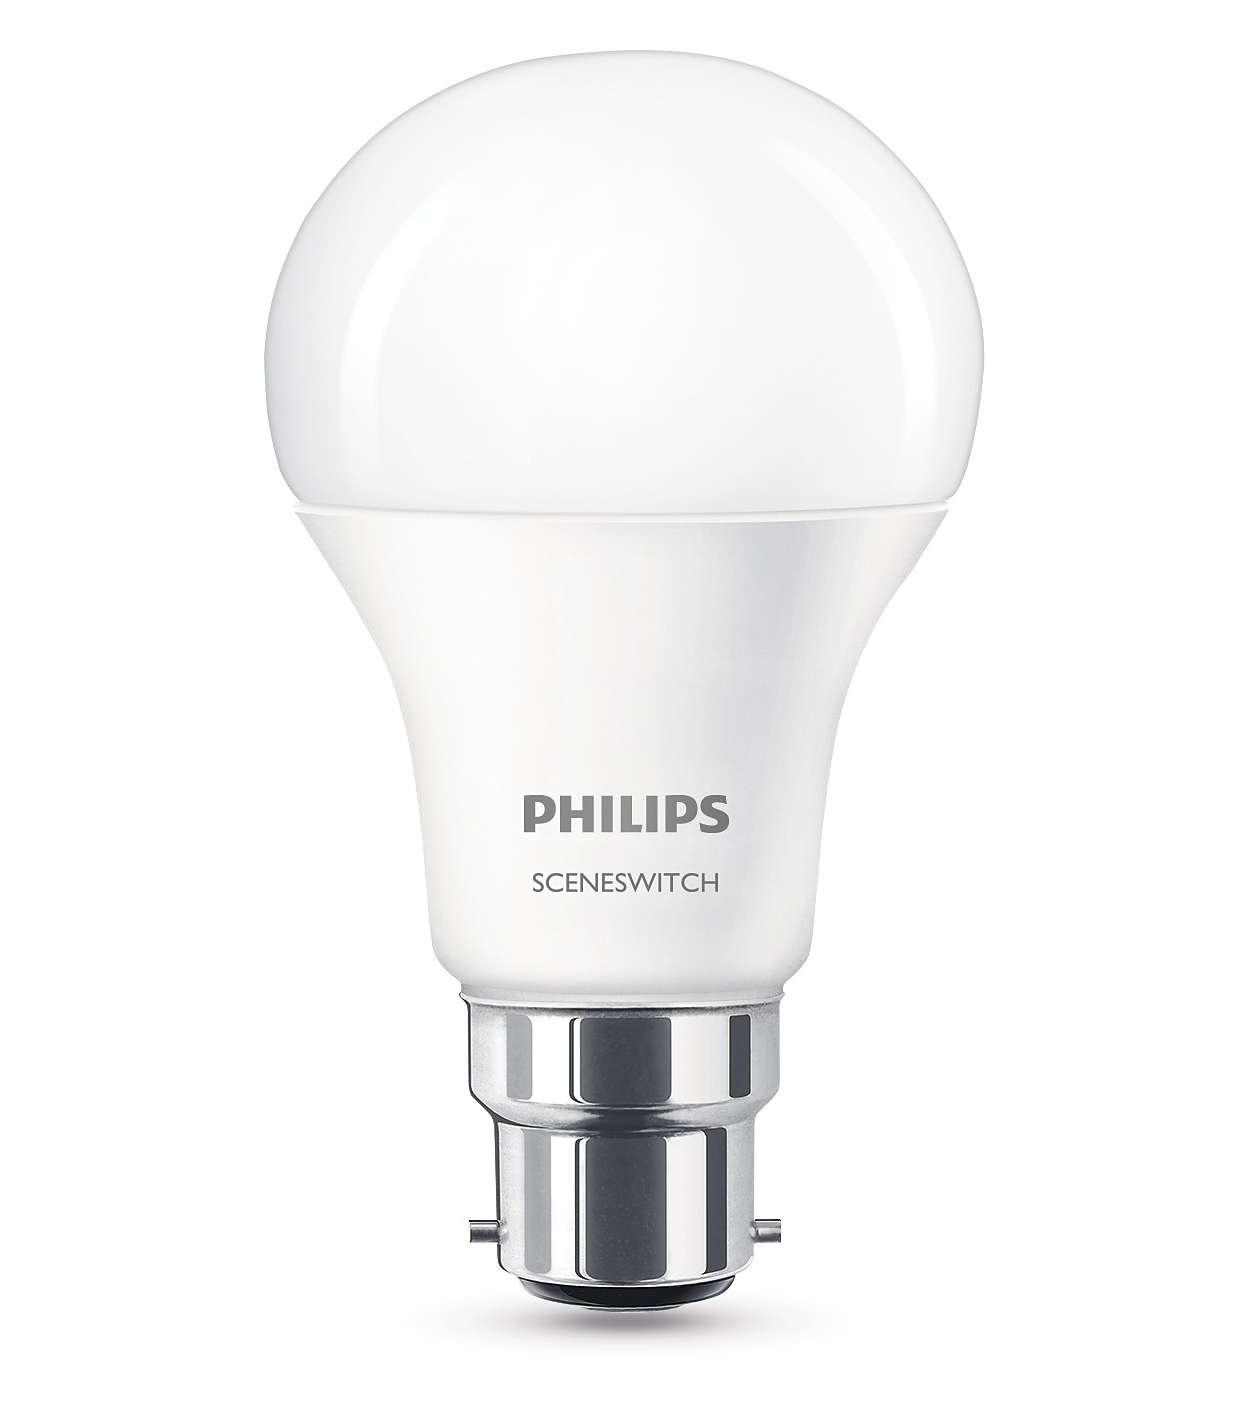 電球 1 つで 3 つの明かり